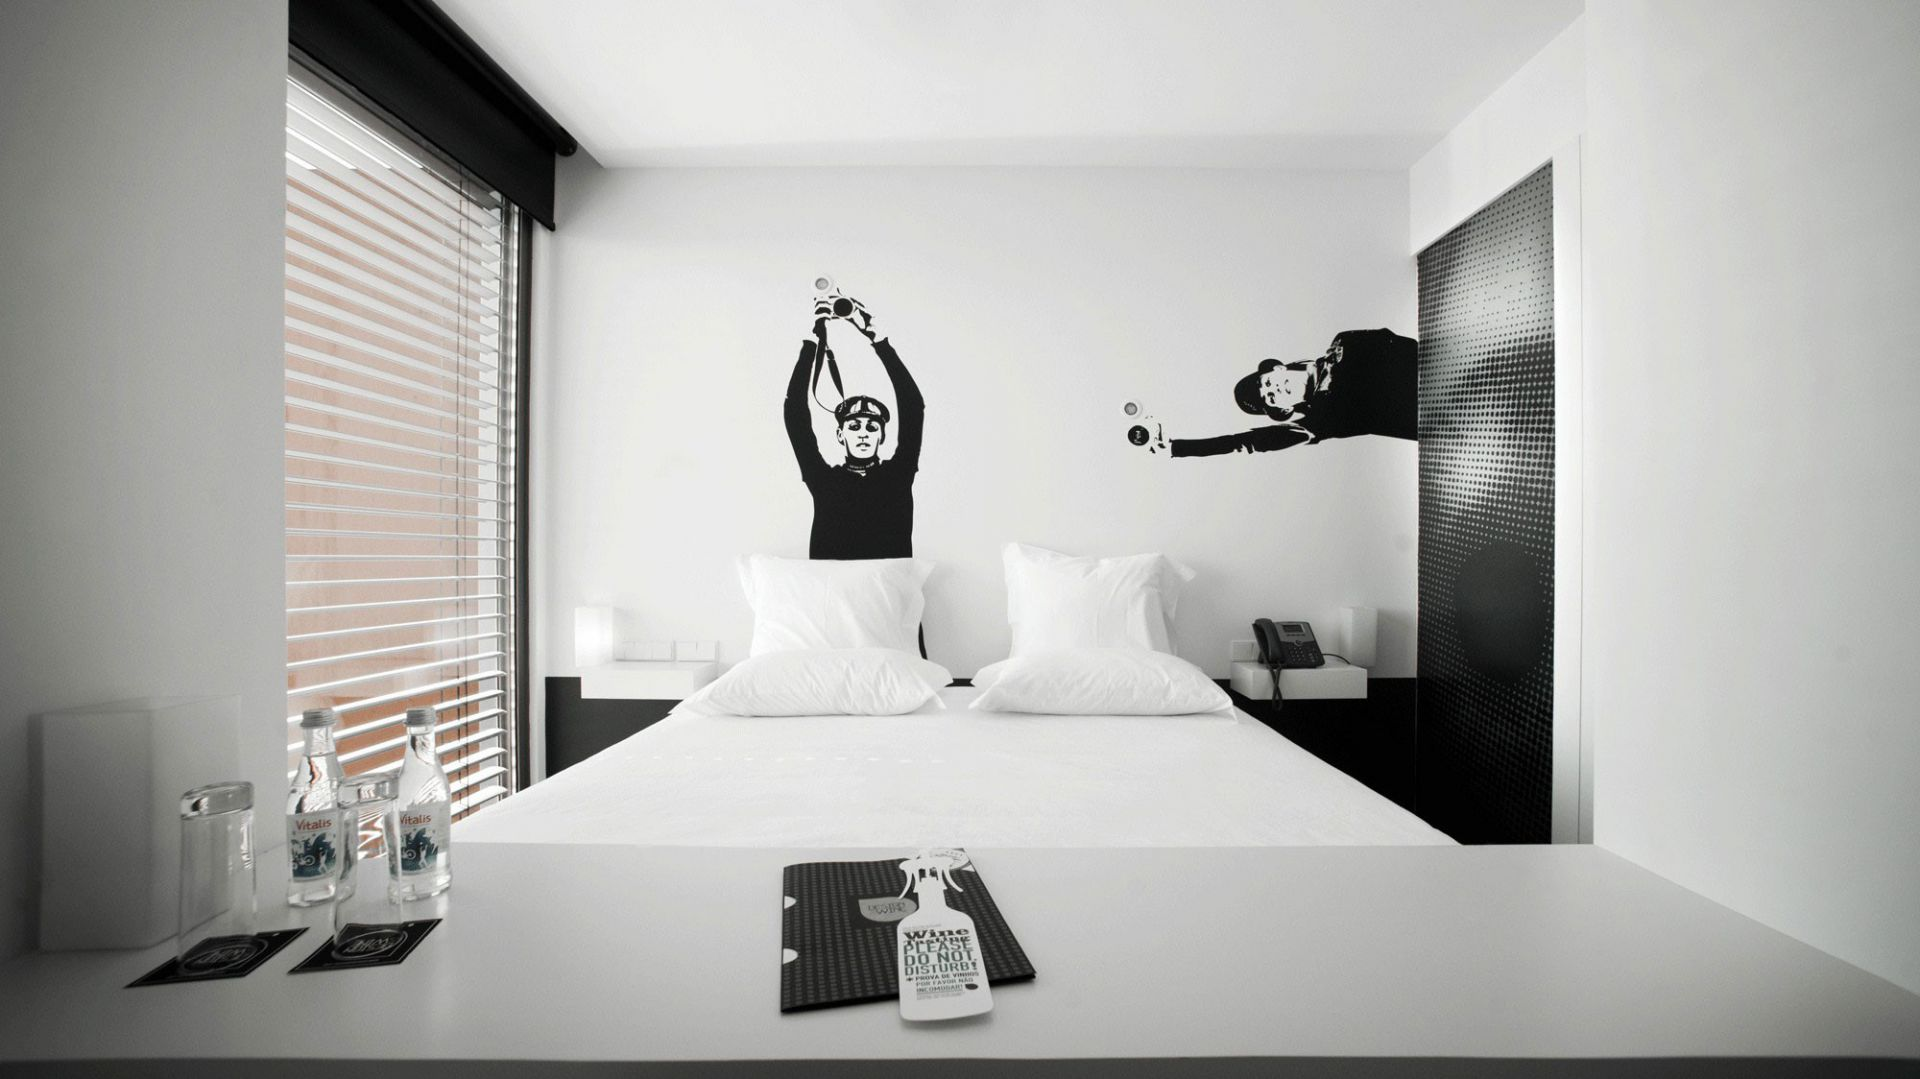 Fot. Design & Wine Hotel,Portugalia / Barbosa & Guimaraes Arquitectos.